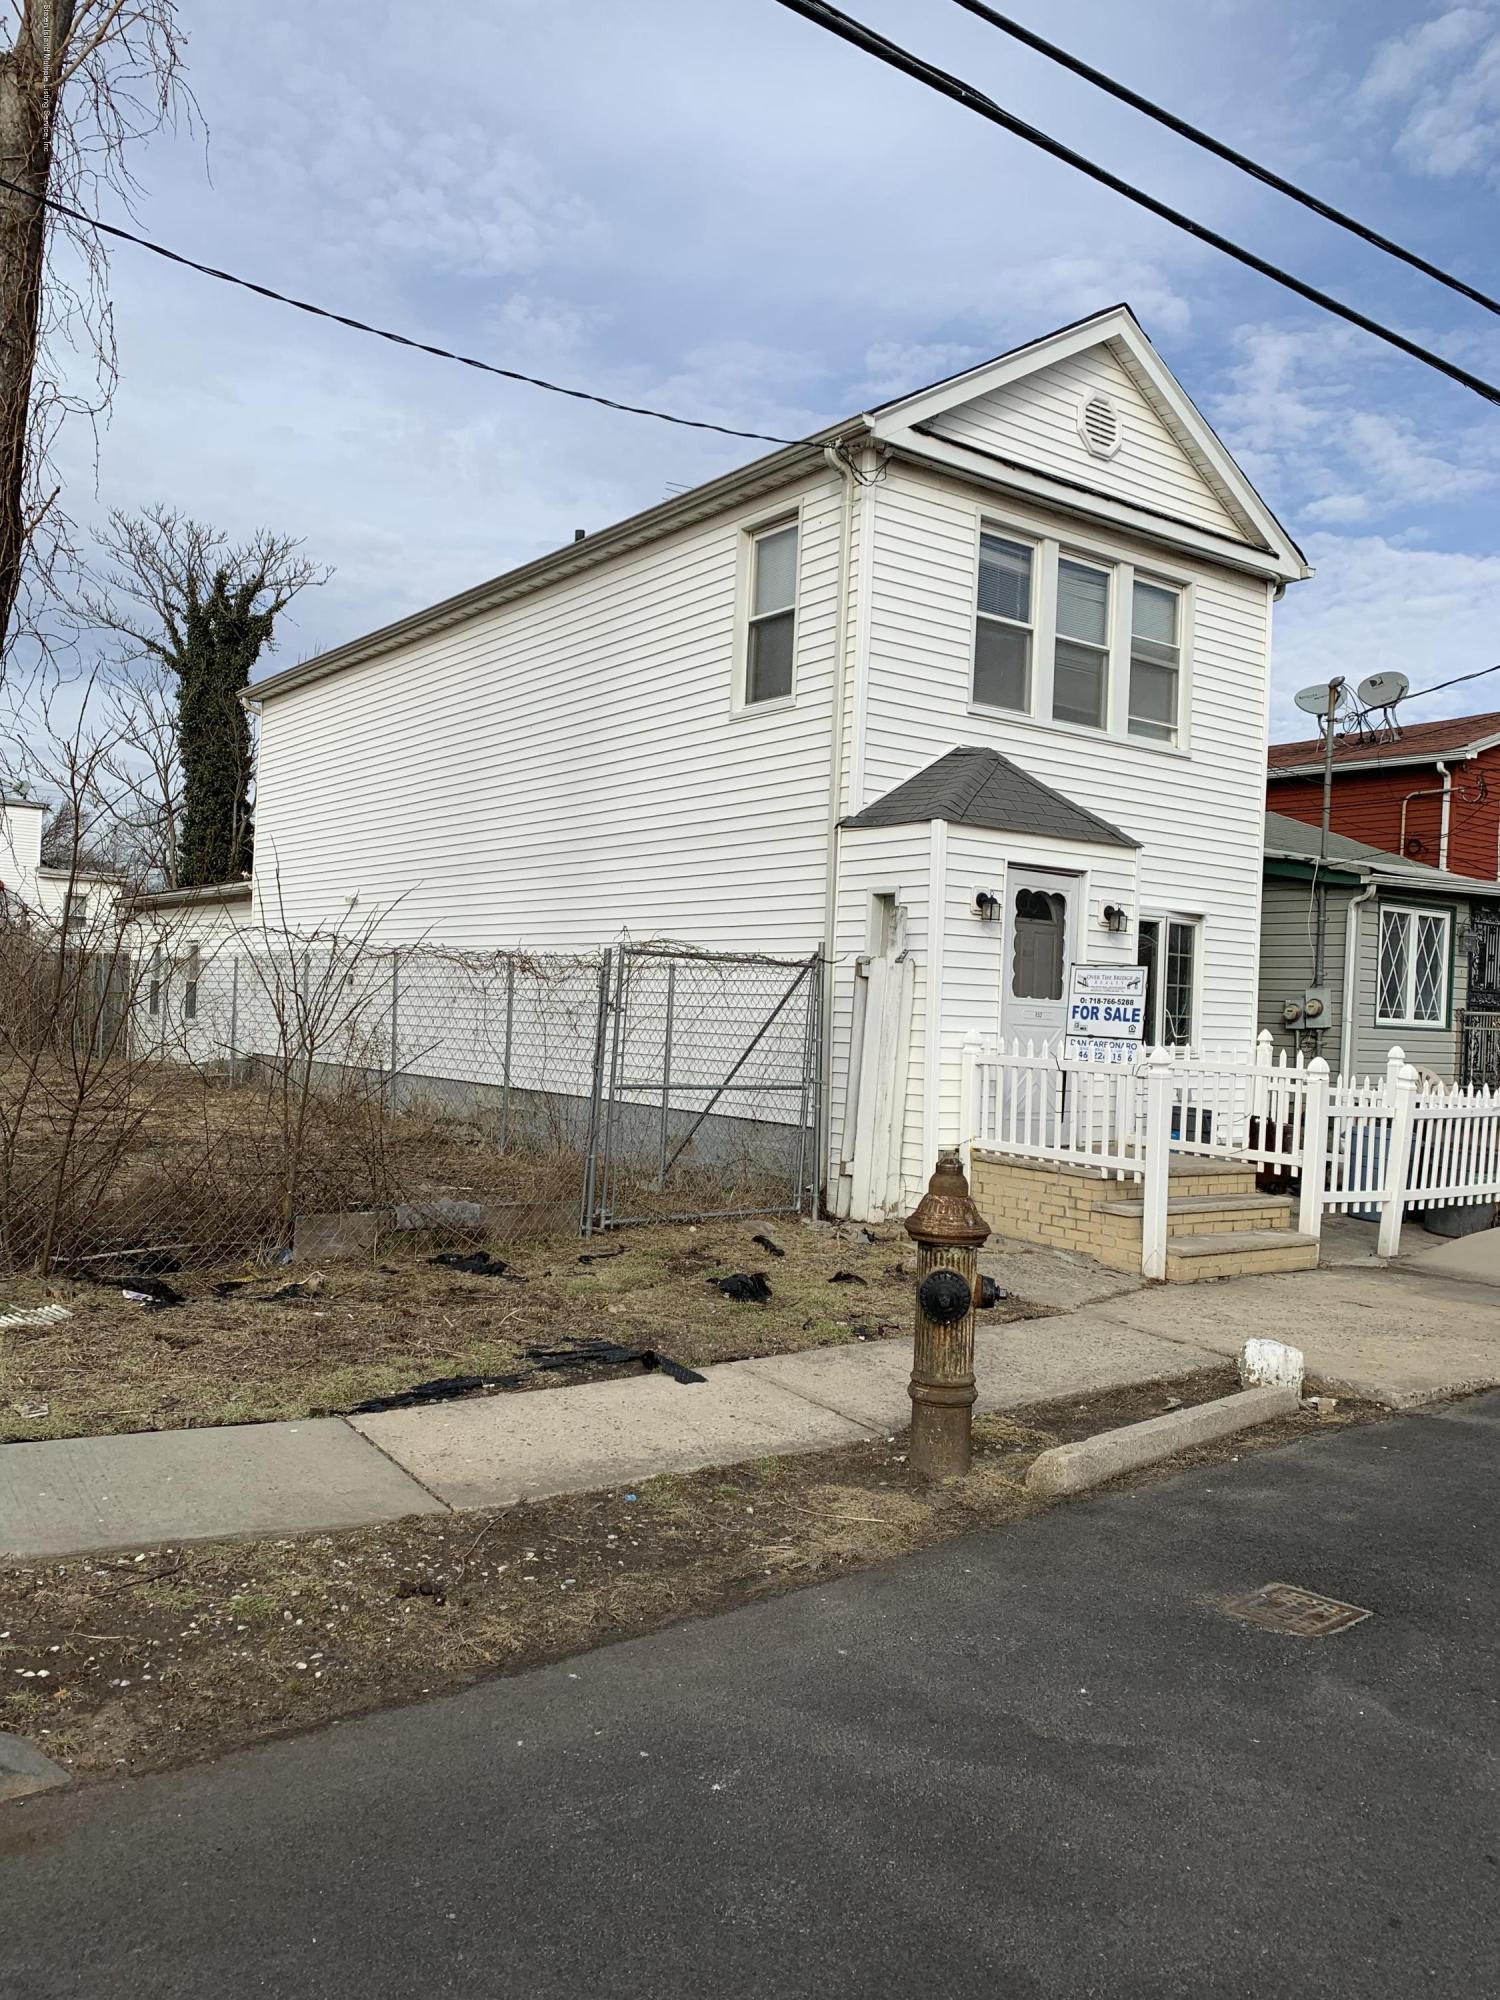 Single Family - Detached 152 Bay 53rd Street  Brooklyn, NY 11214, MLS-1125954-4